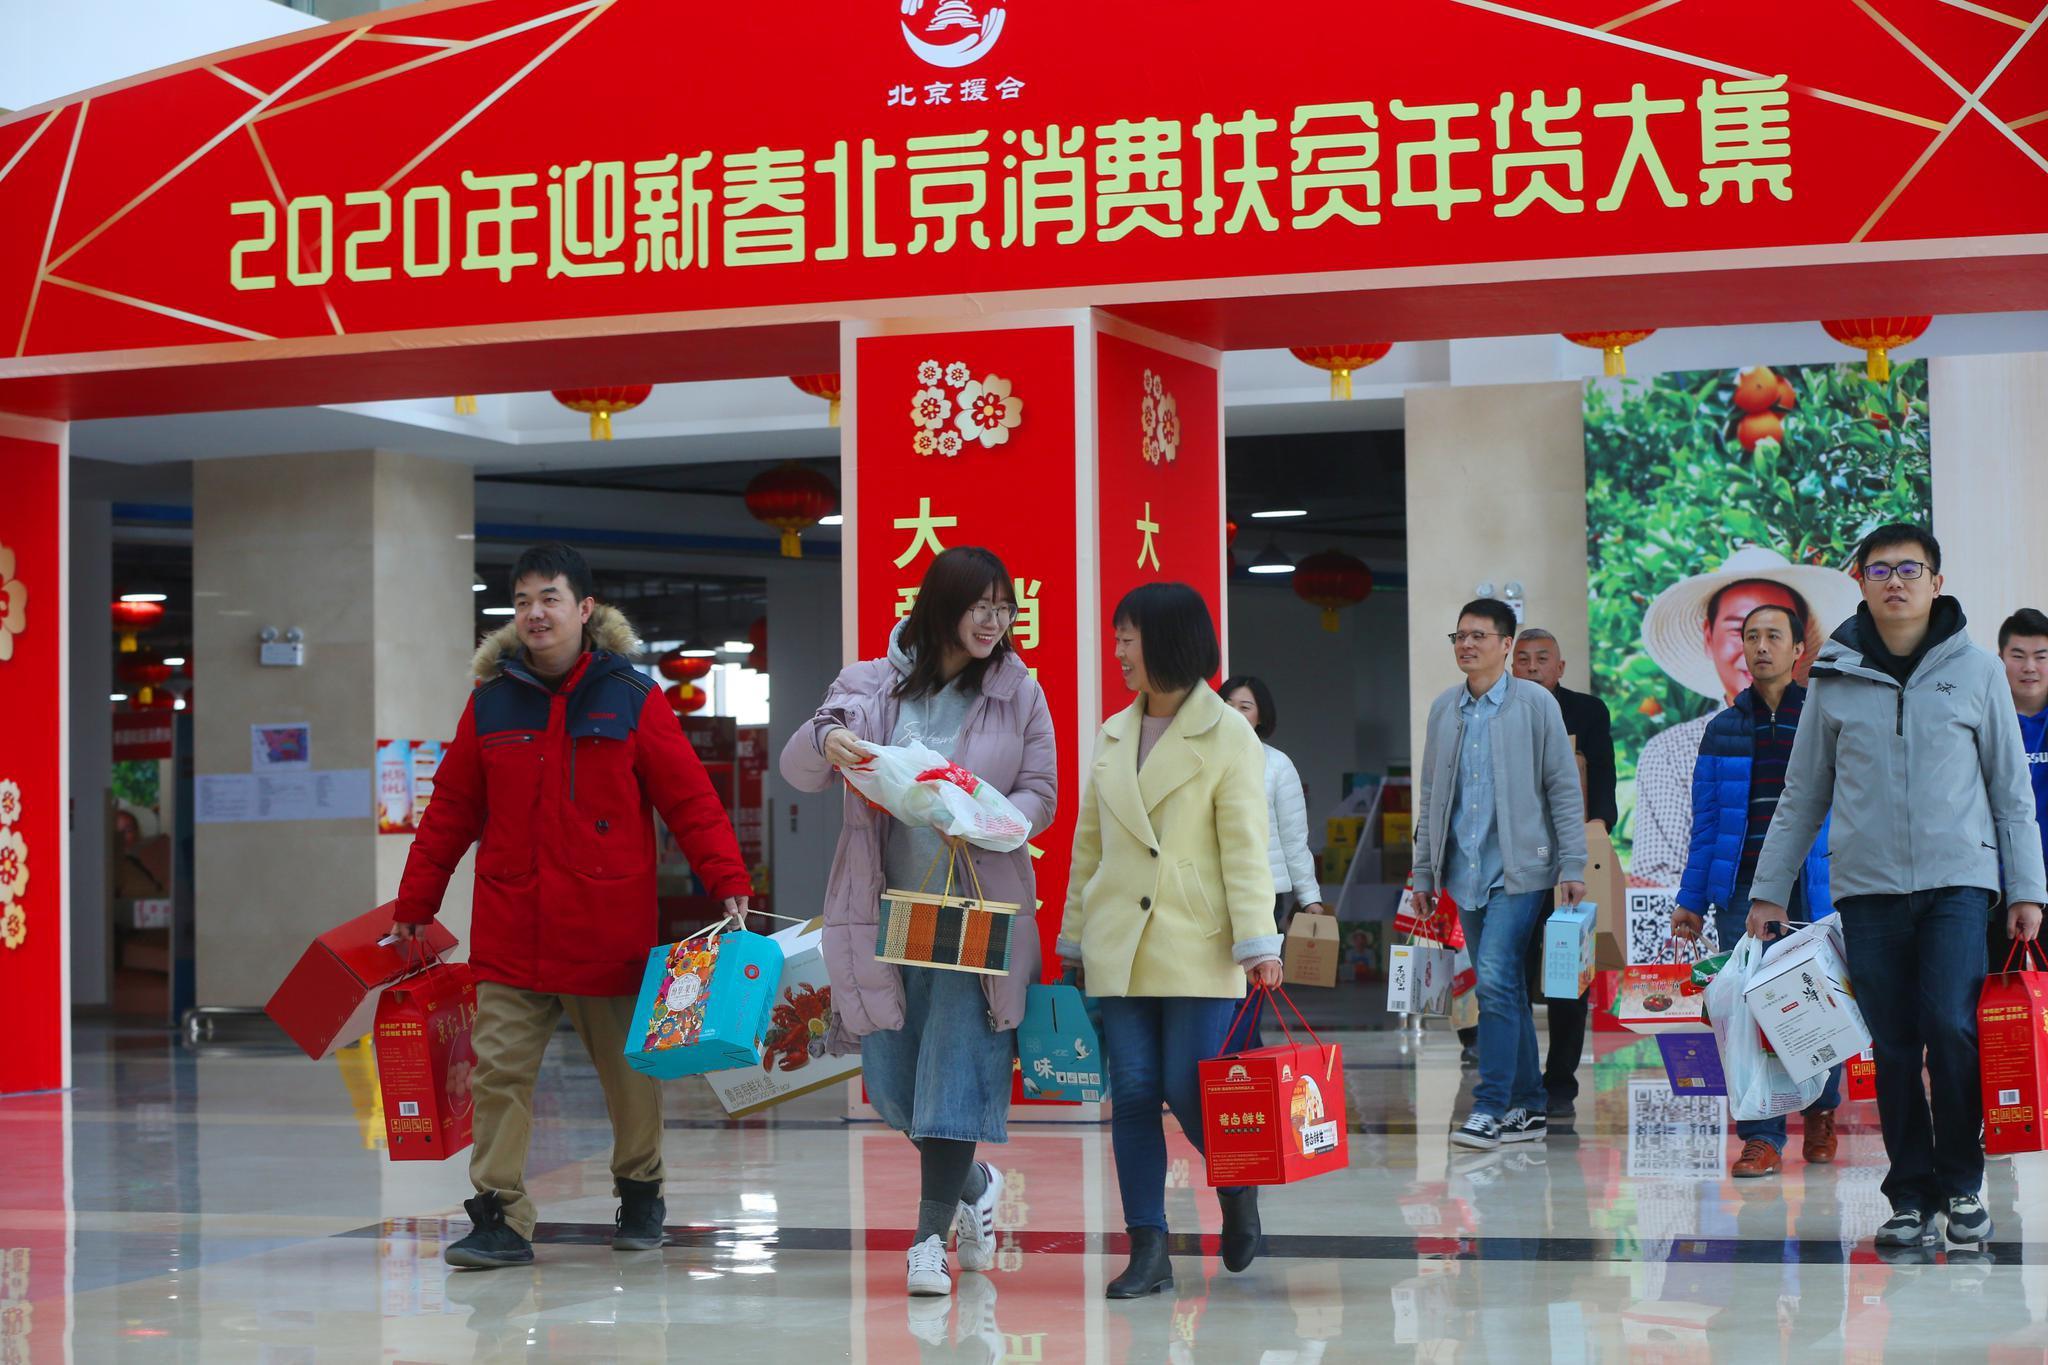 北京消费扶贫双创中心近一年带动消费扶贫销售额破百亿图片